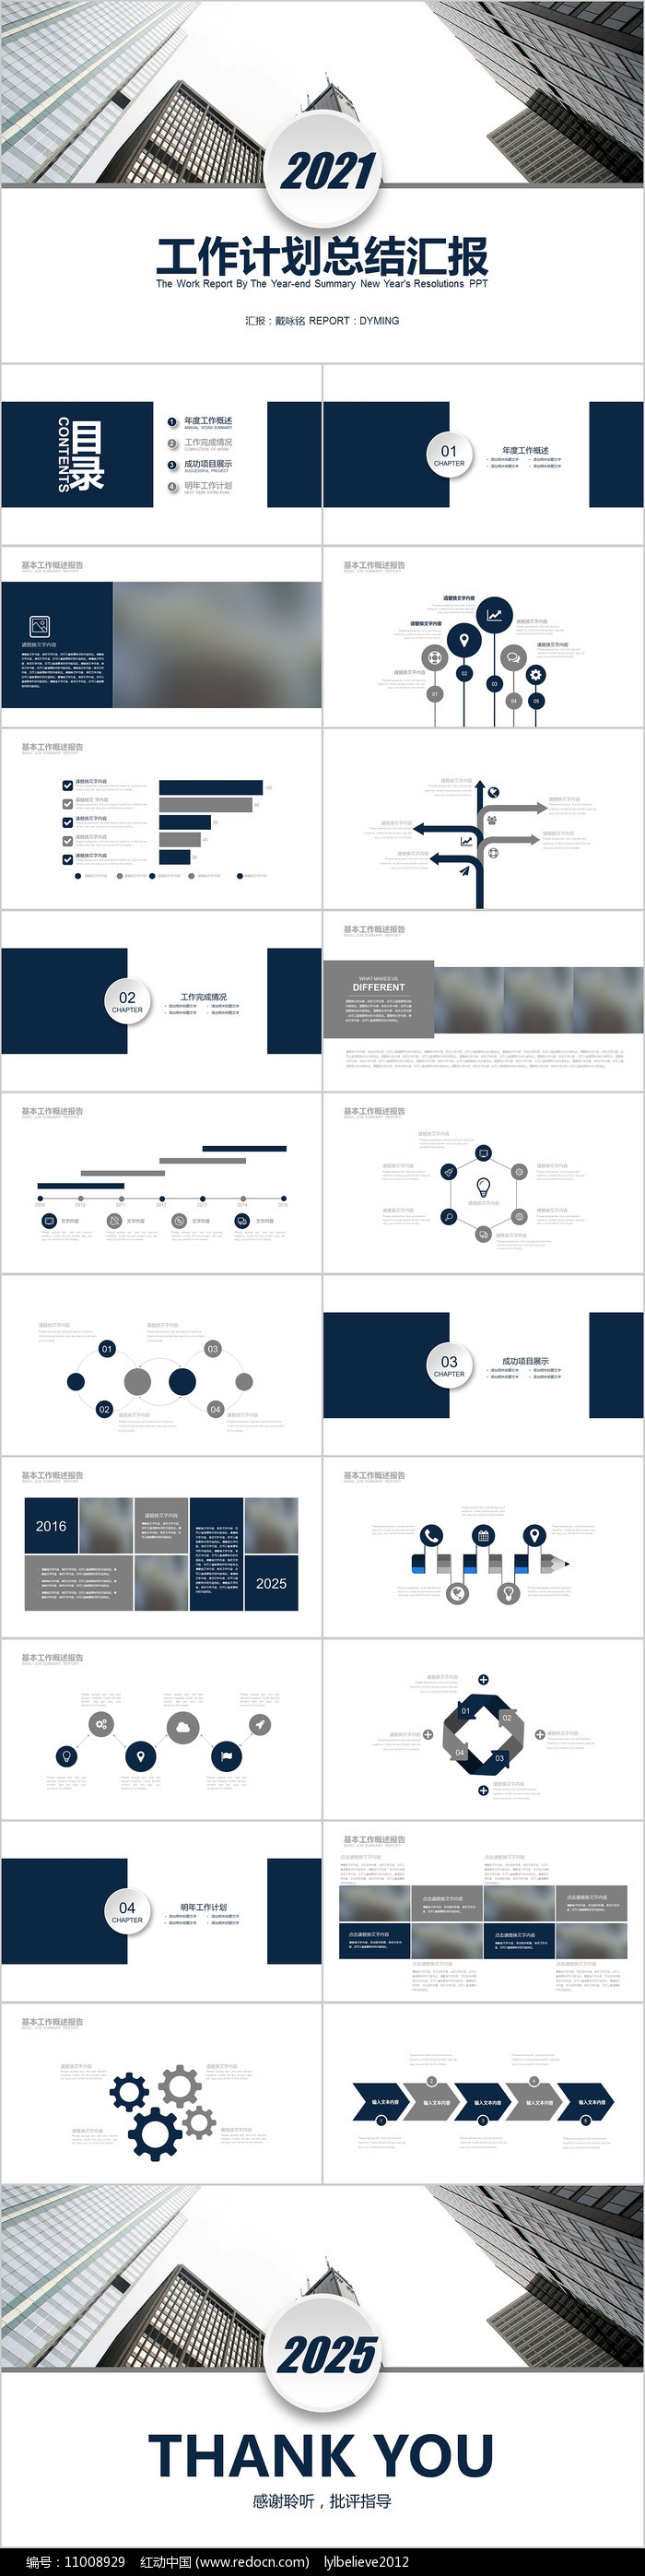 深蓝色商务企业工作总结工作计划汇报PPT